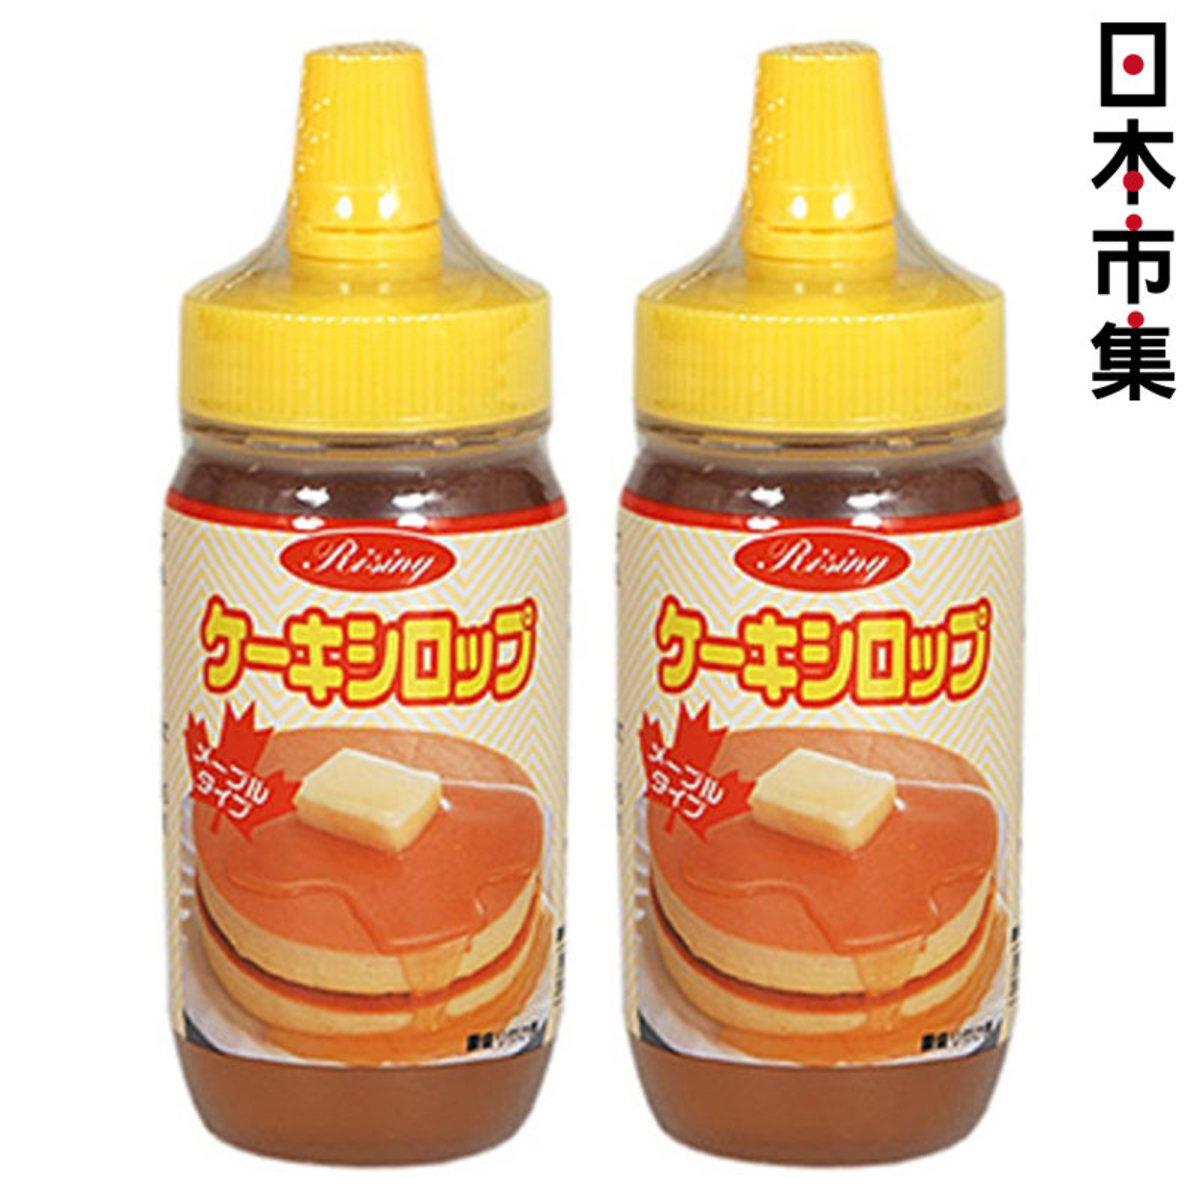 日版朝日 熱香餅糖漿 180g (2件裝)【市集世界 - 日本市集】